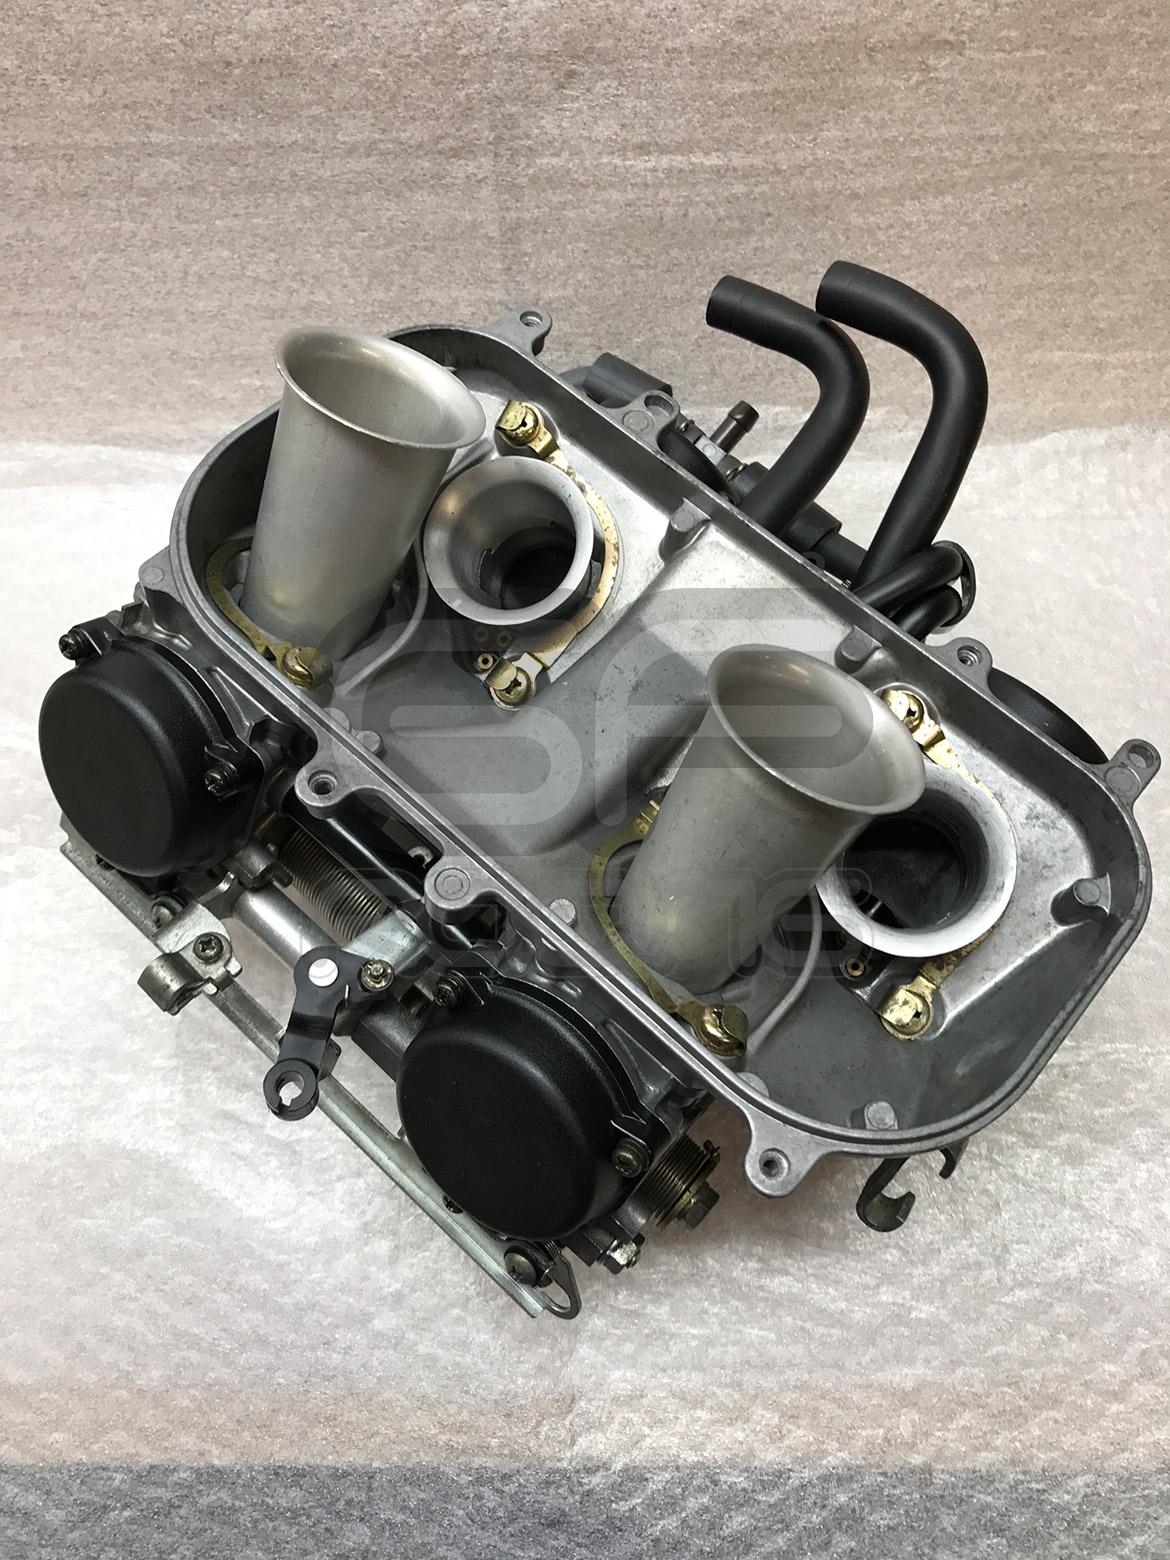 RVF400 NC35 Carburettors